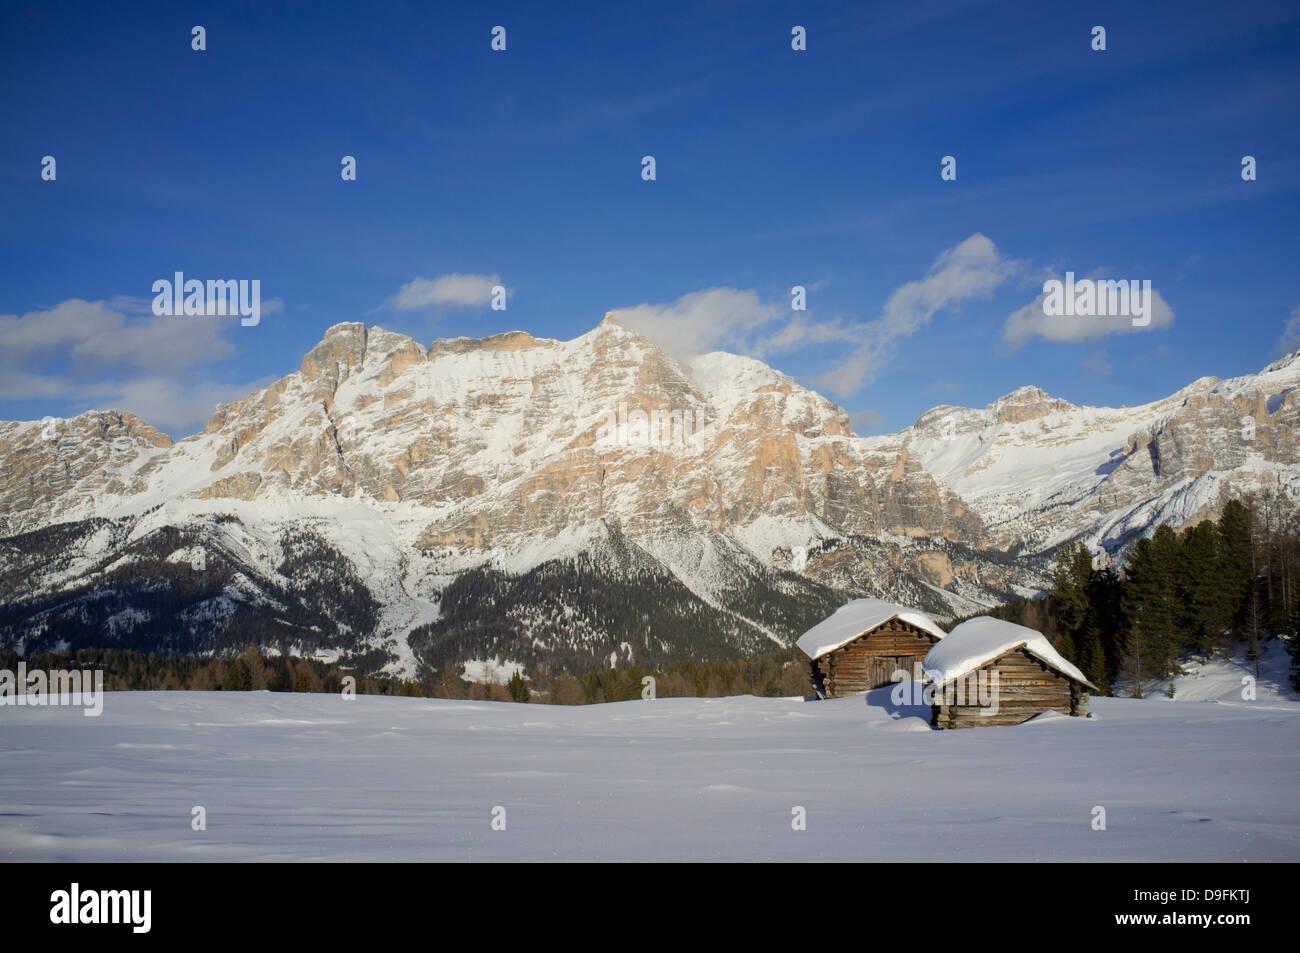 Mounts Lavarella and Conturines behind a pair of barns at the Alta Badia ski resort near Corvara, Dolomites, South - Stock Image